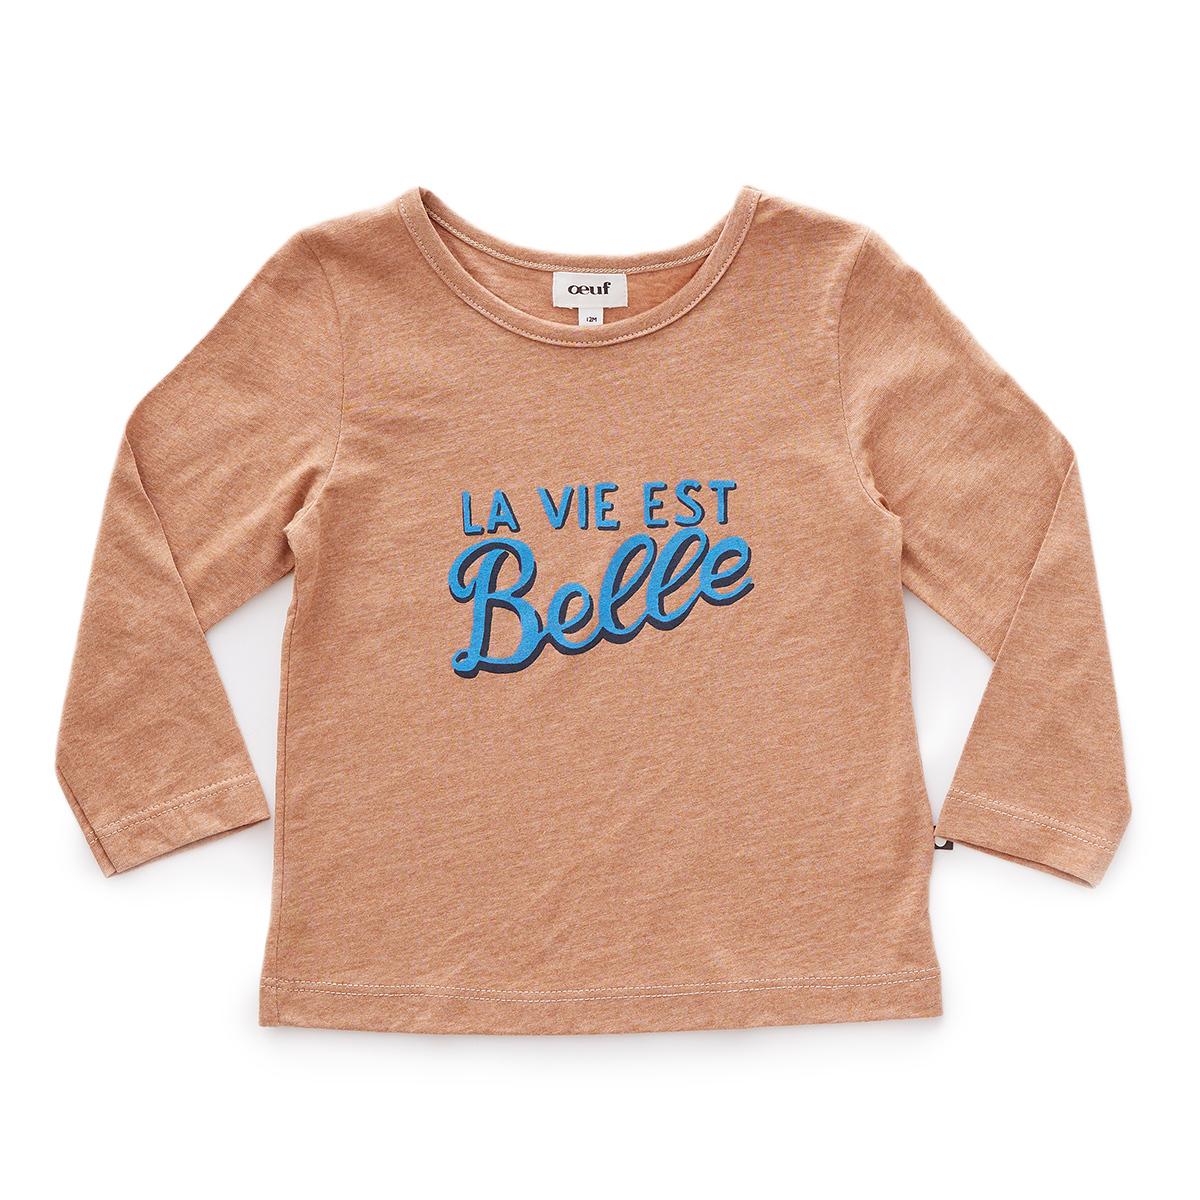 Hauts bébé Tee-shirt La Vie Est Belle Marron - 18 Mois